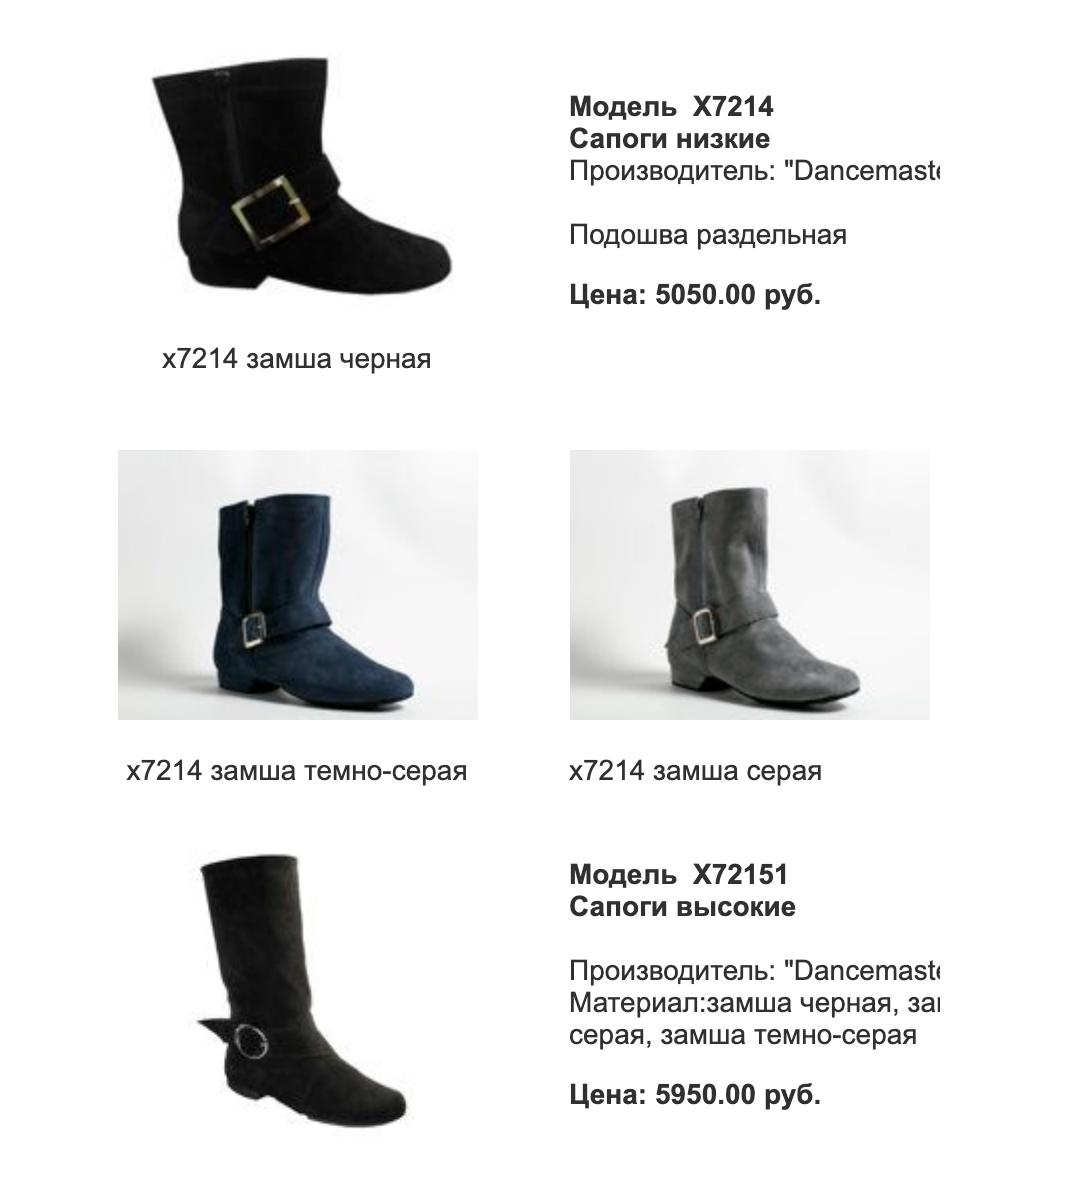 Сапожки — еще один вариант обуви, которую используют партнерши на конкурсах